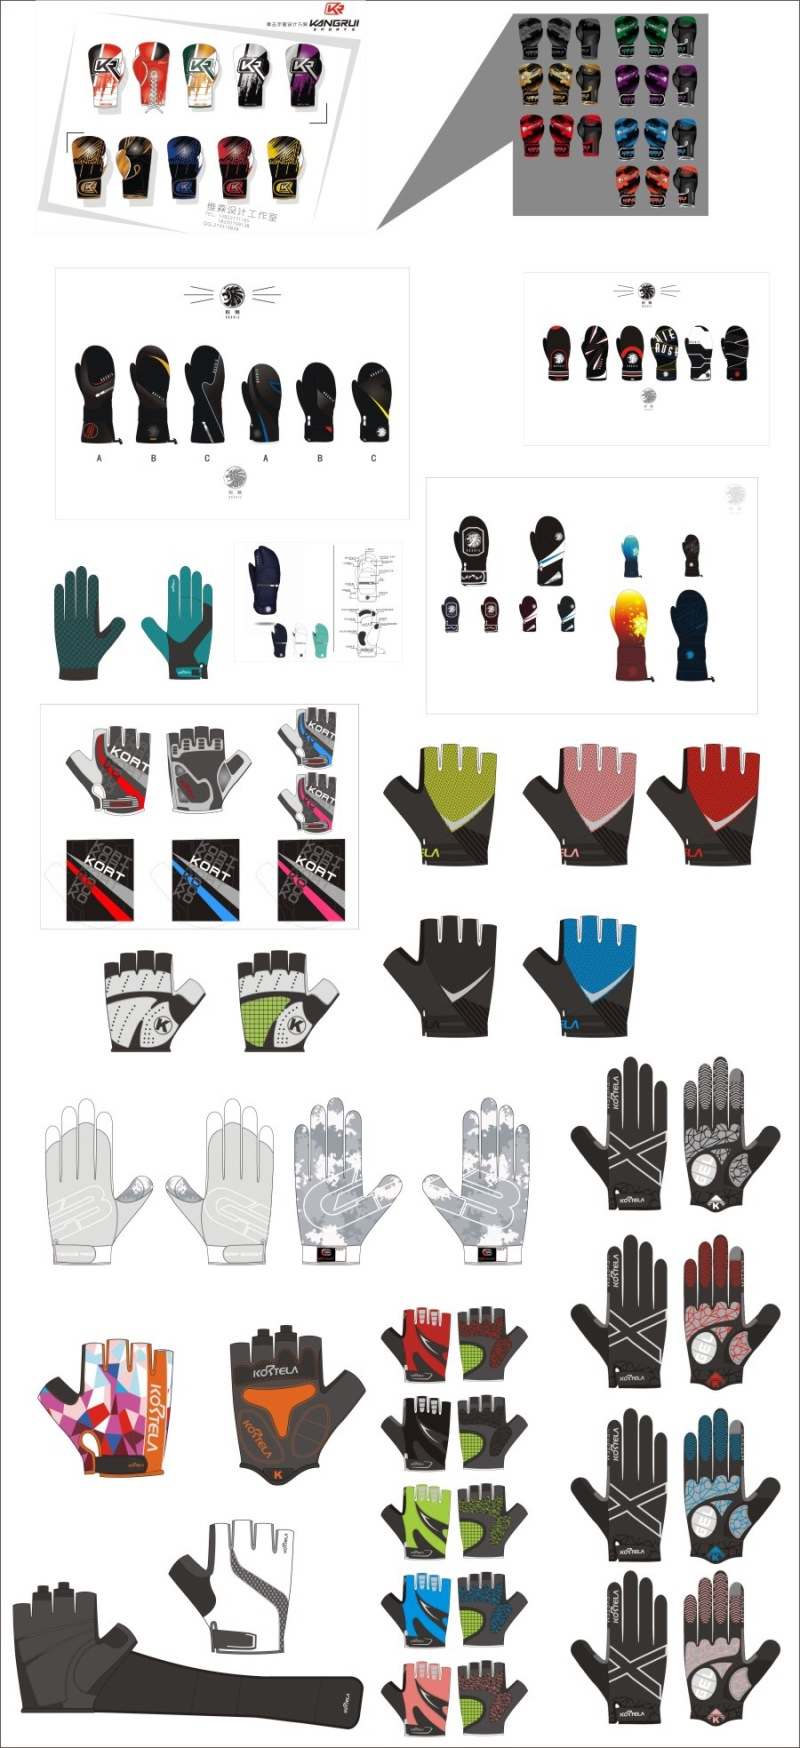 手套(骑行手套、滑雪手套、拳击手套)